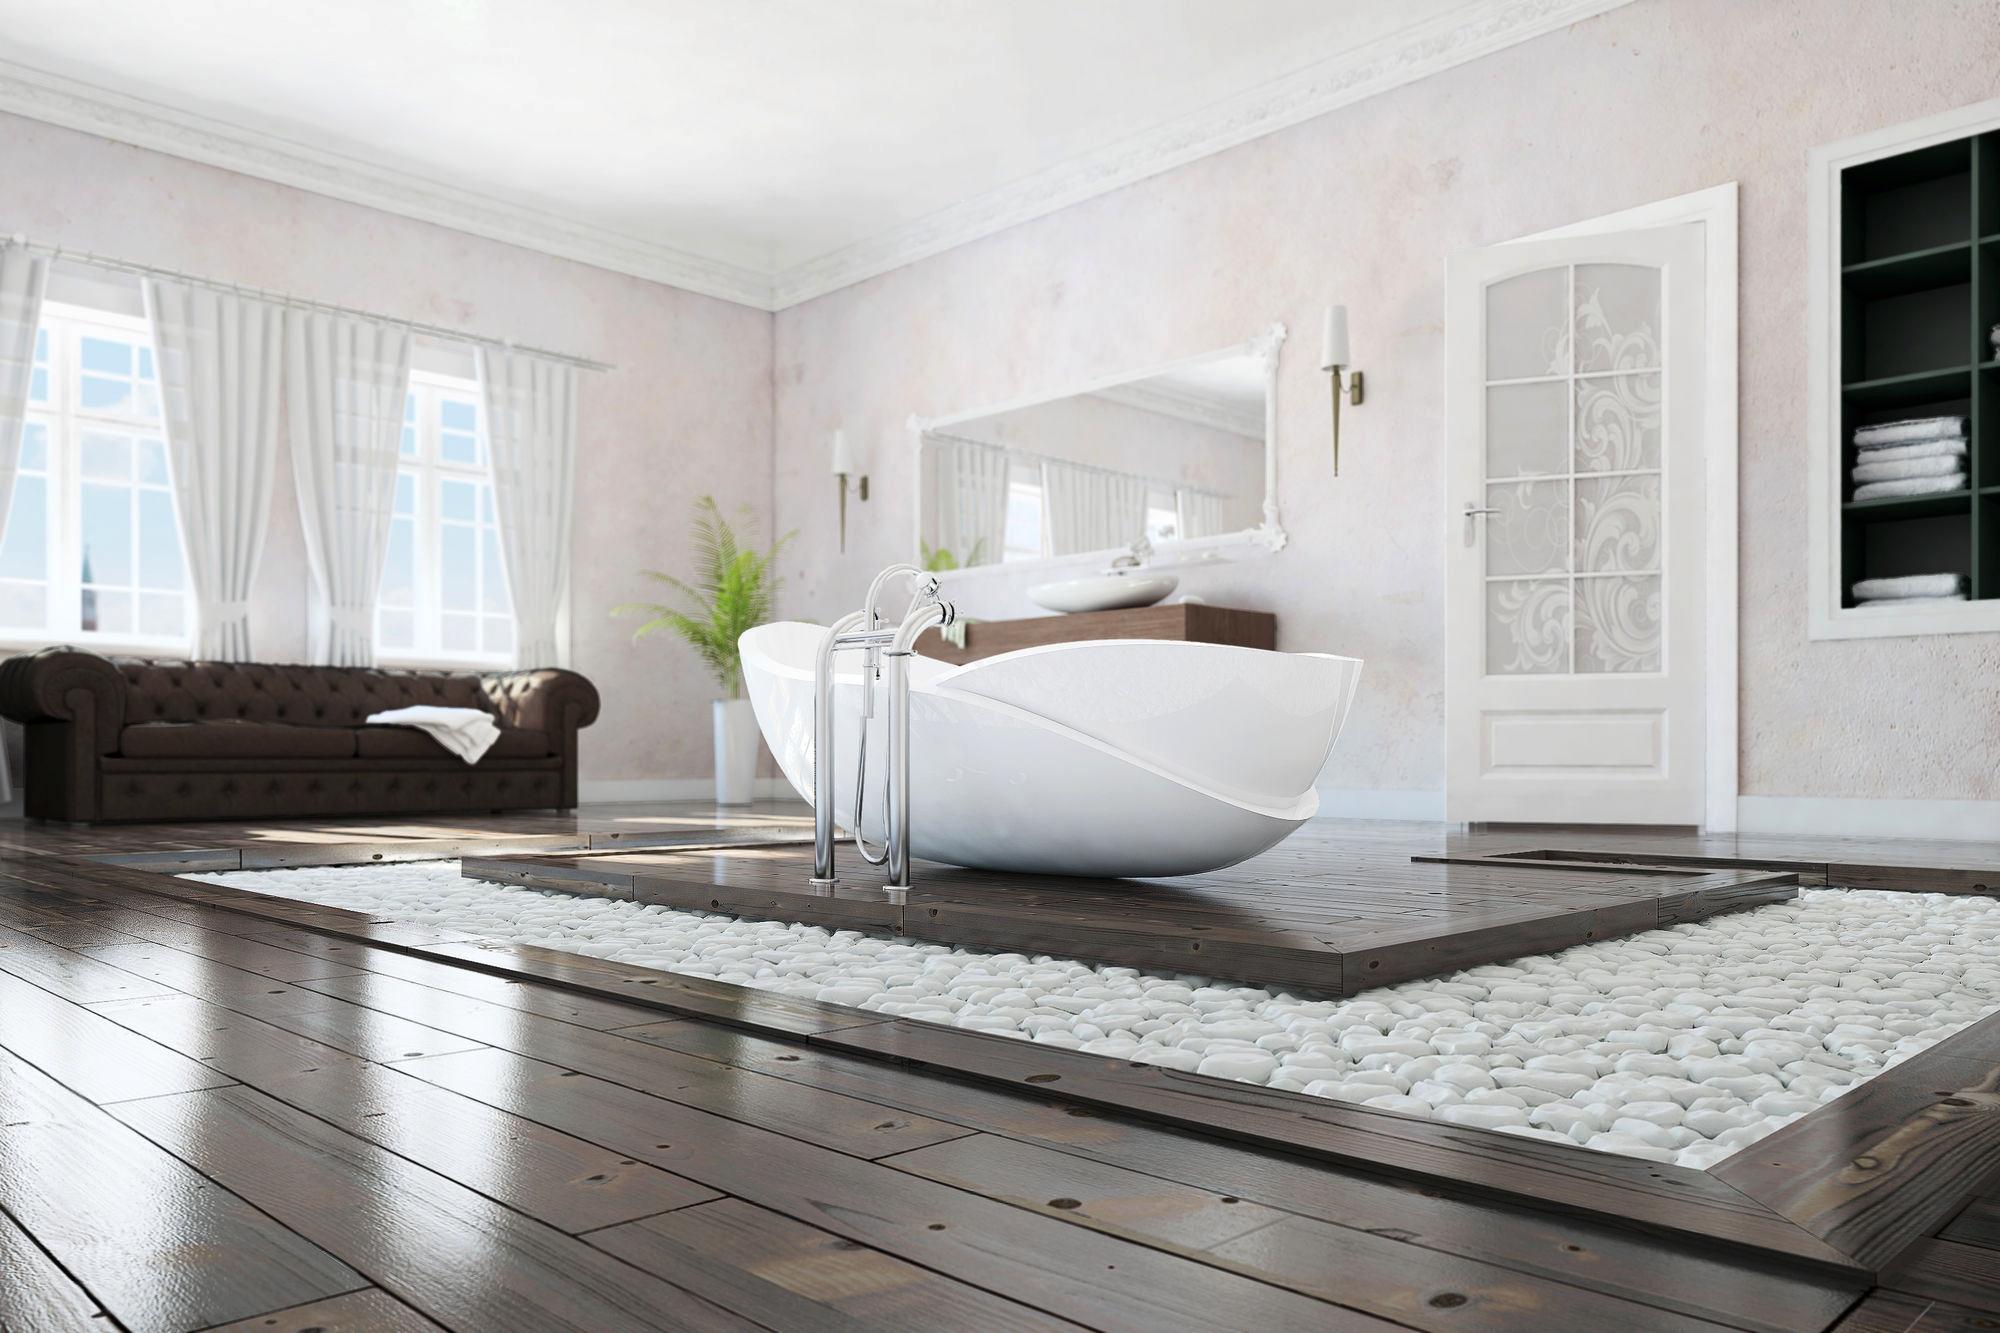 Một trong những tiêu chí quan trọng khi thiết kế phòng ngủ tích hợp phòng tắm là phải đảm bảo đầy đủ ánh sáng